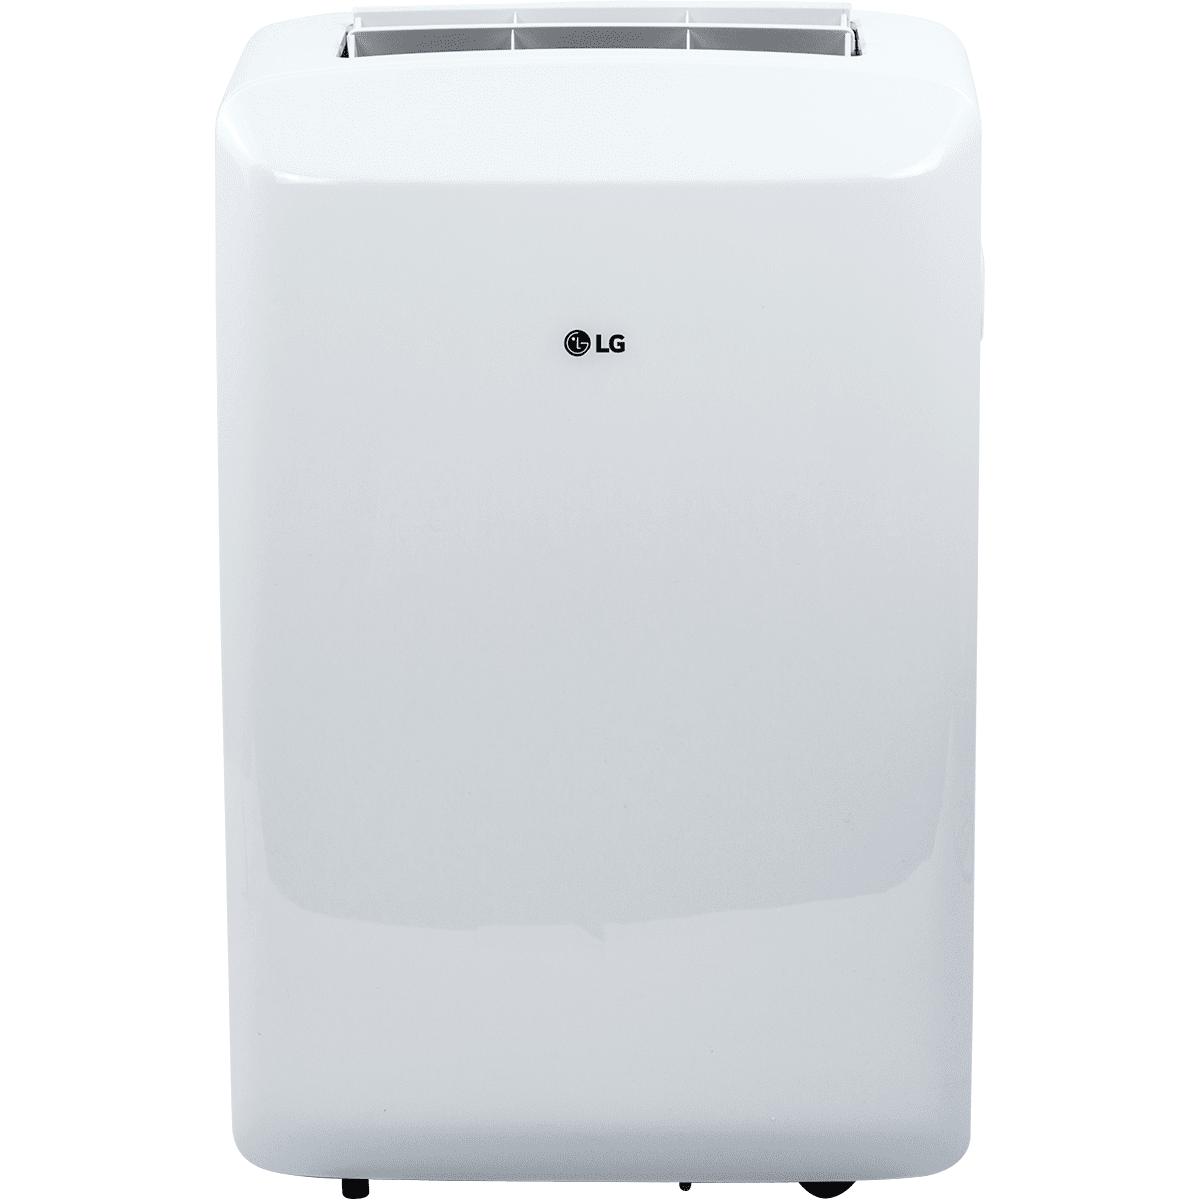 8,000 BTU Portable AC - LG LP0817WSR